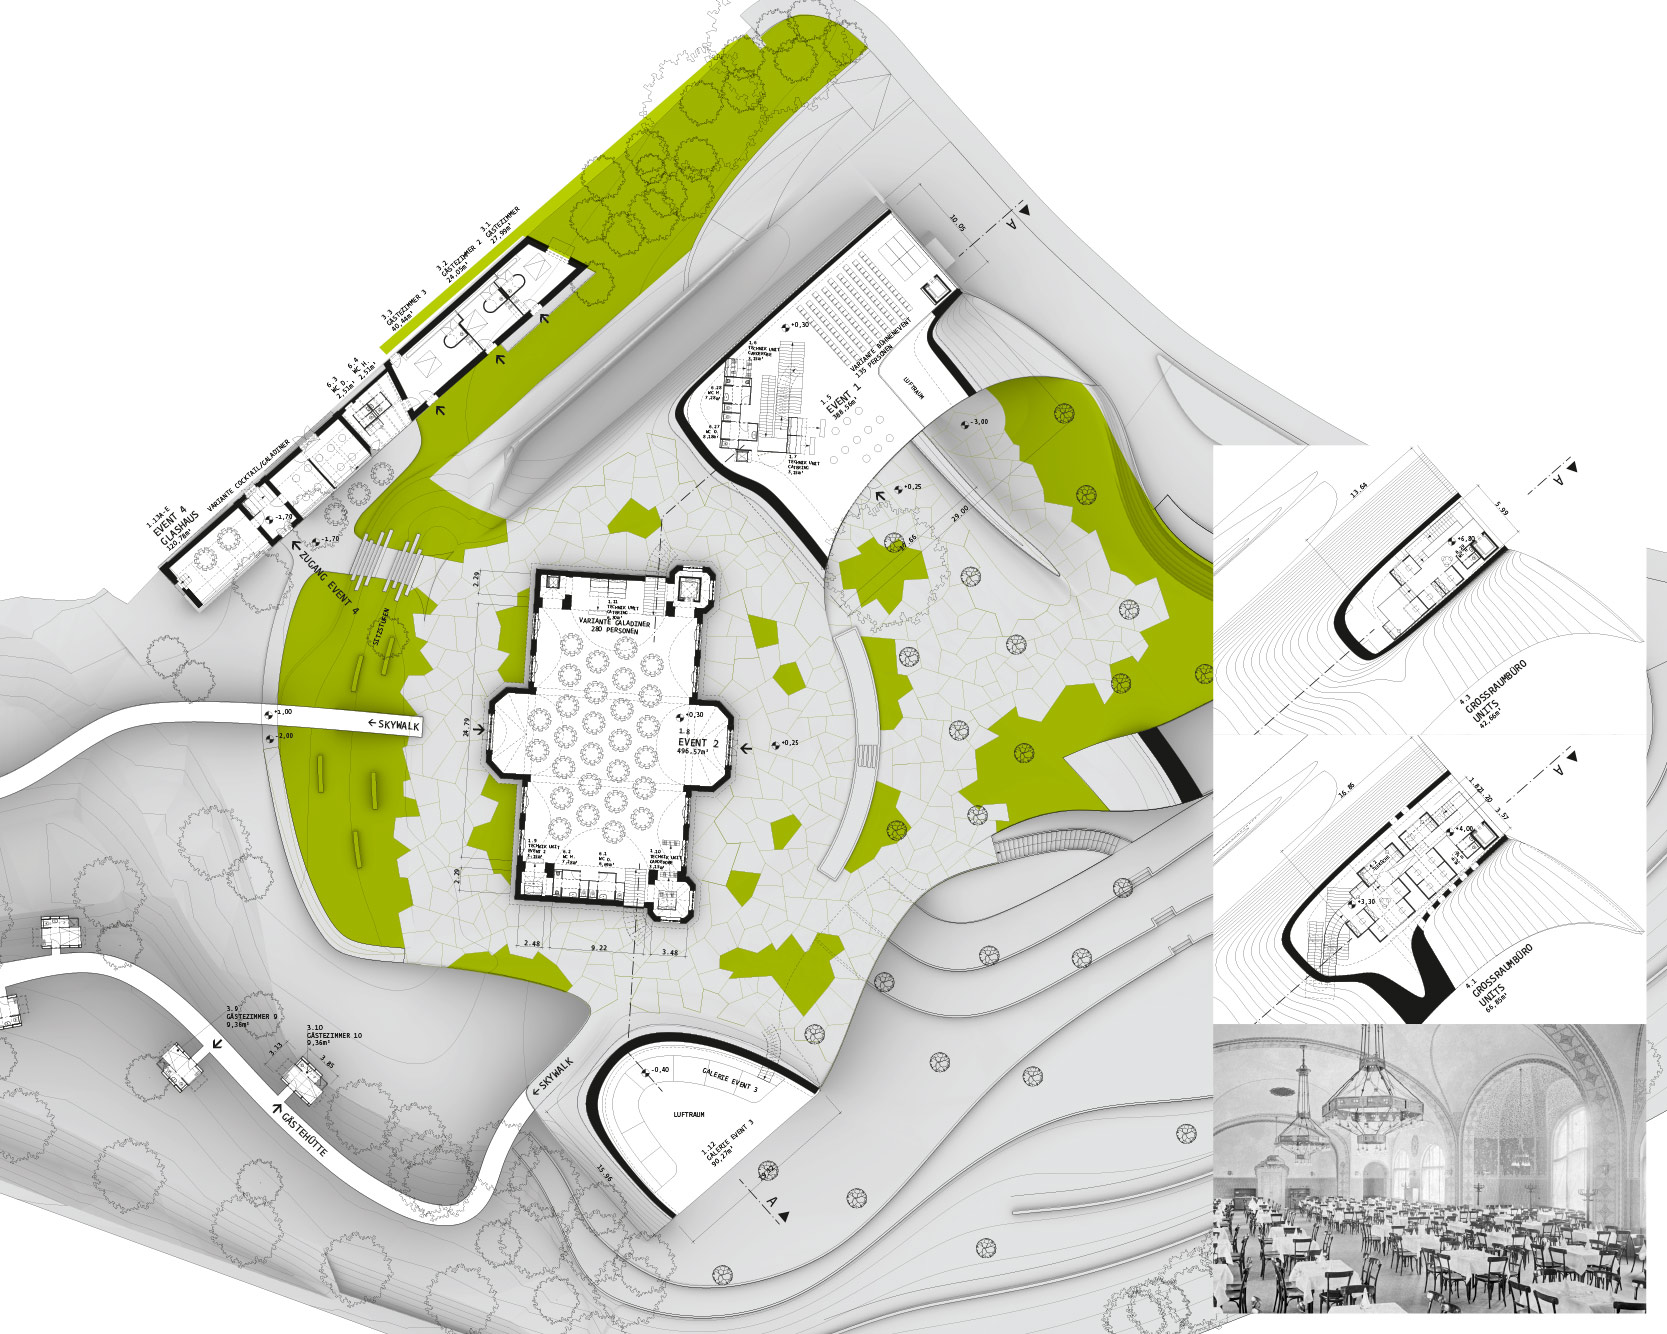 Cobenzl Wien Competition: Plans